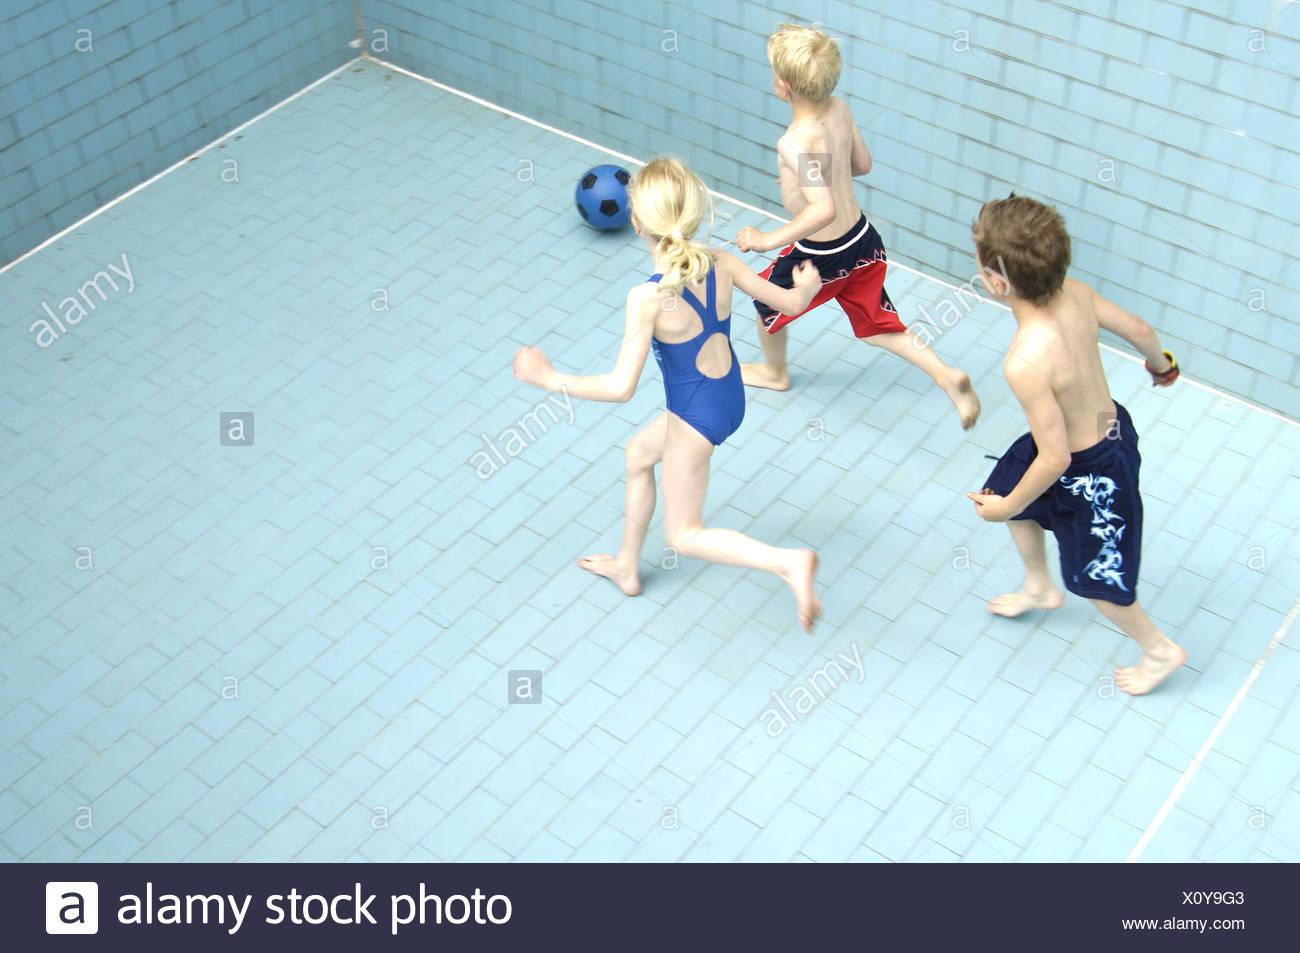 Piscina bambini vuota giochi di calcio dalla suddetta serie di